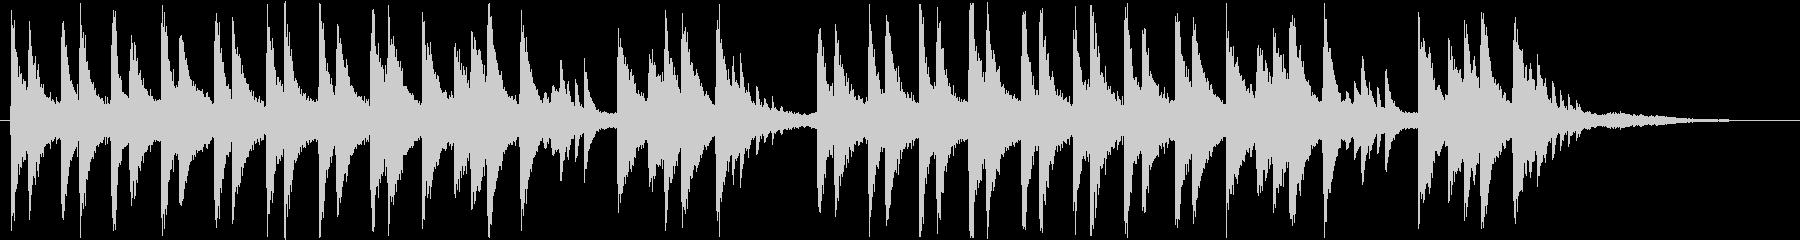 透明感と重厚感のあるピアノの未再生の波形